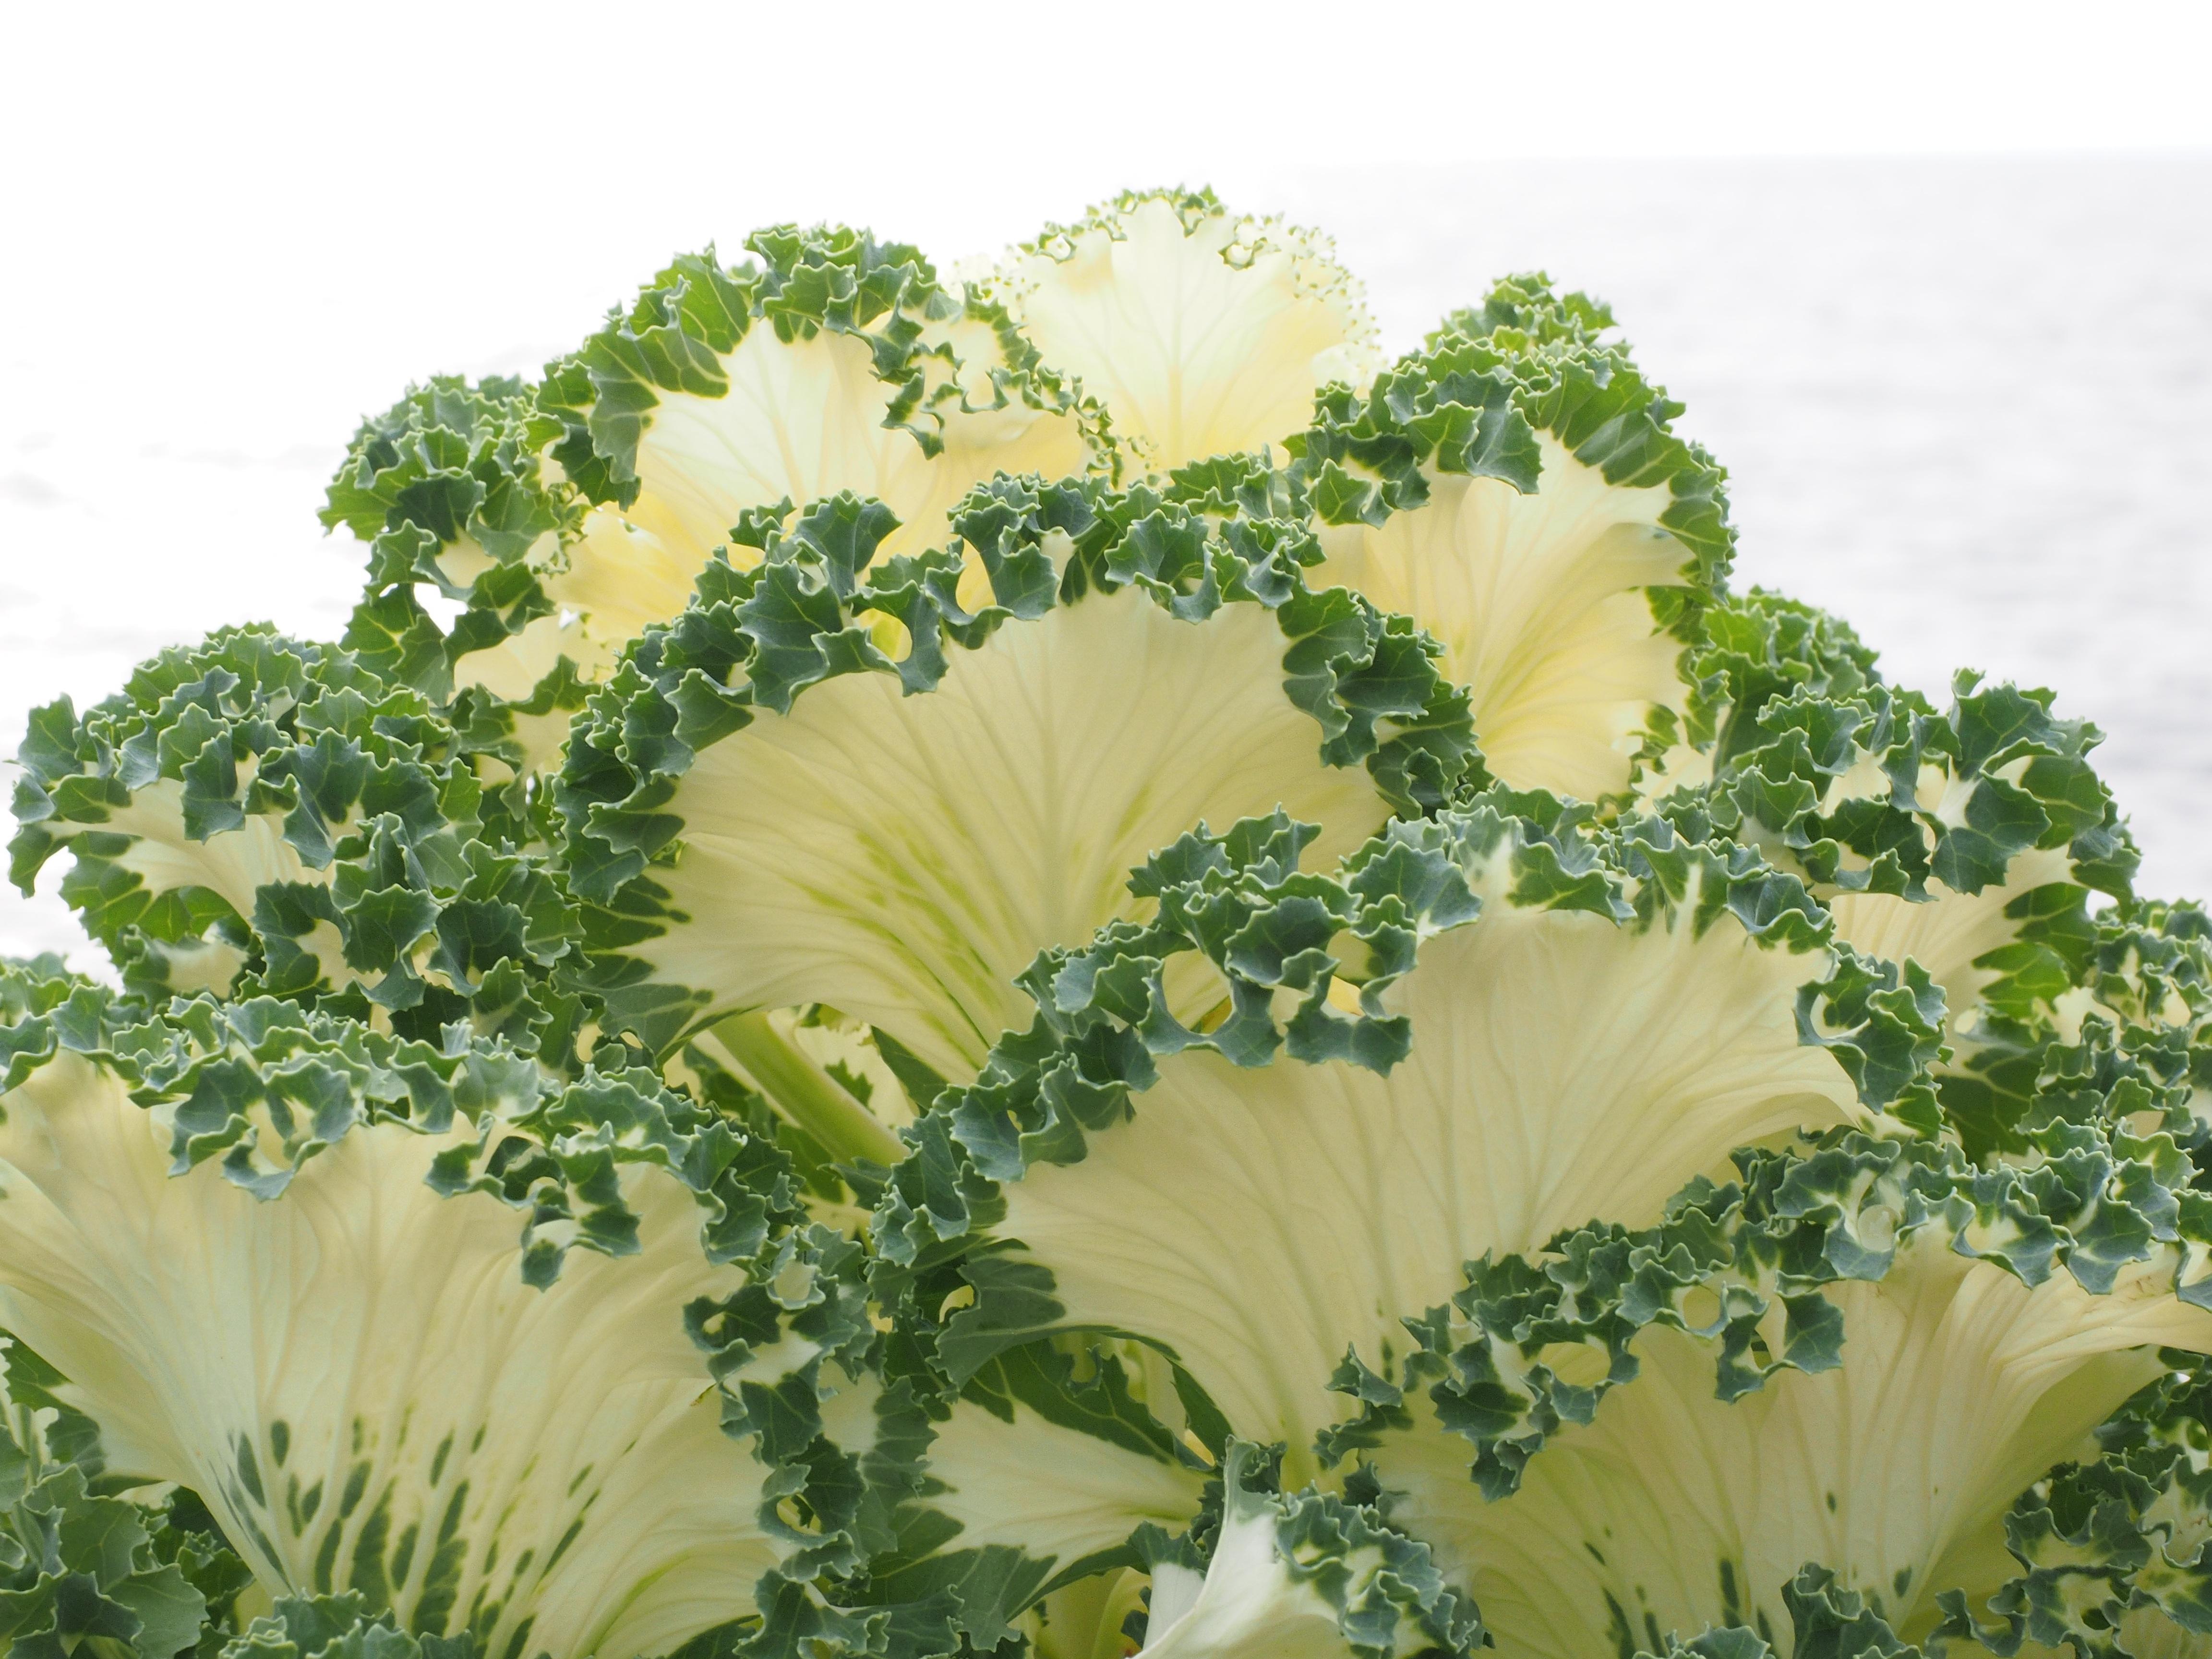 Free Images White Flower Food Produce Botany Close Broccoli